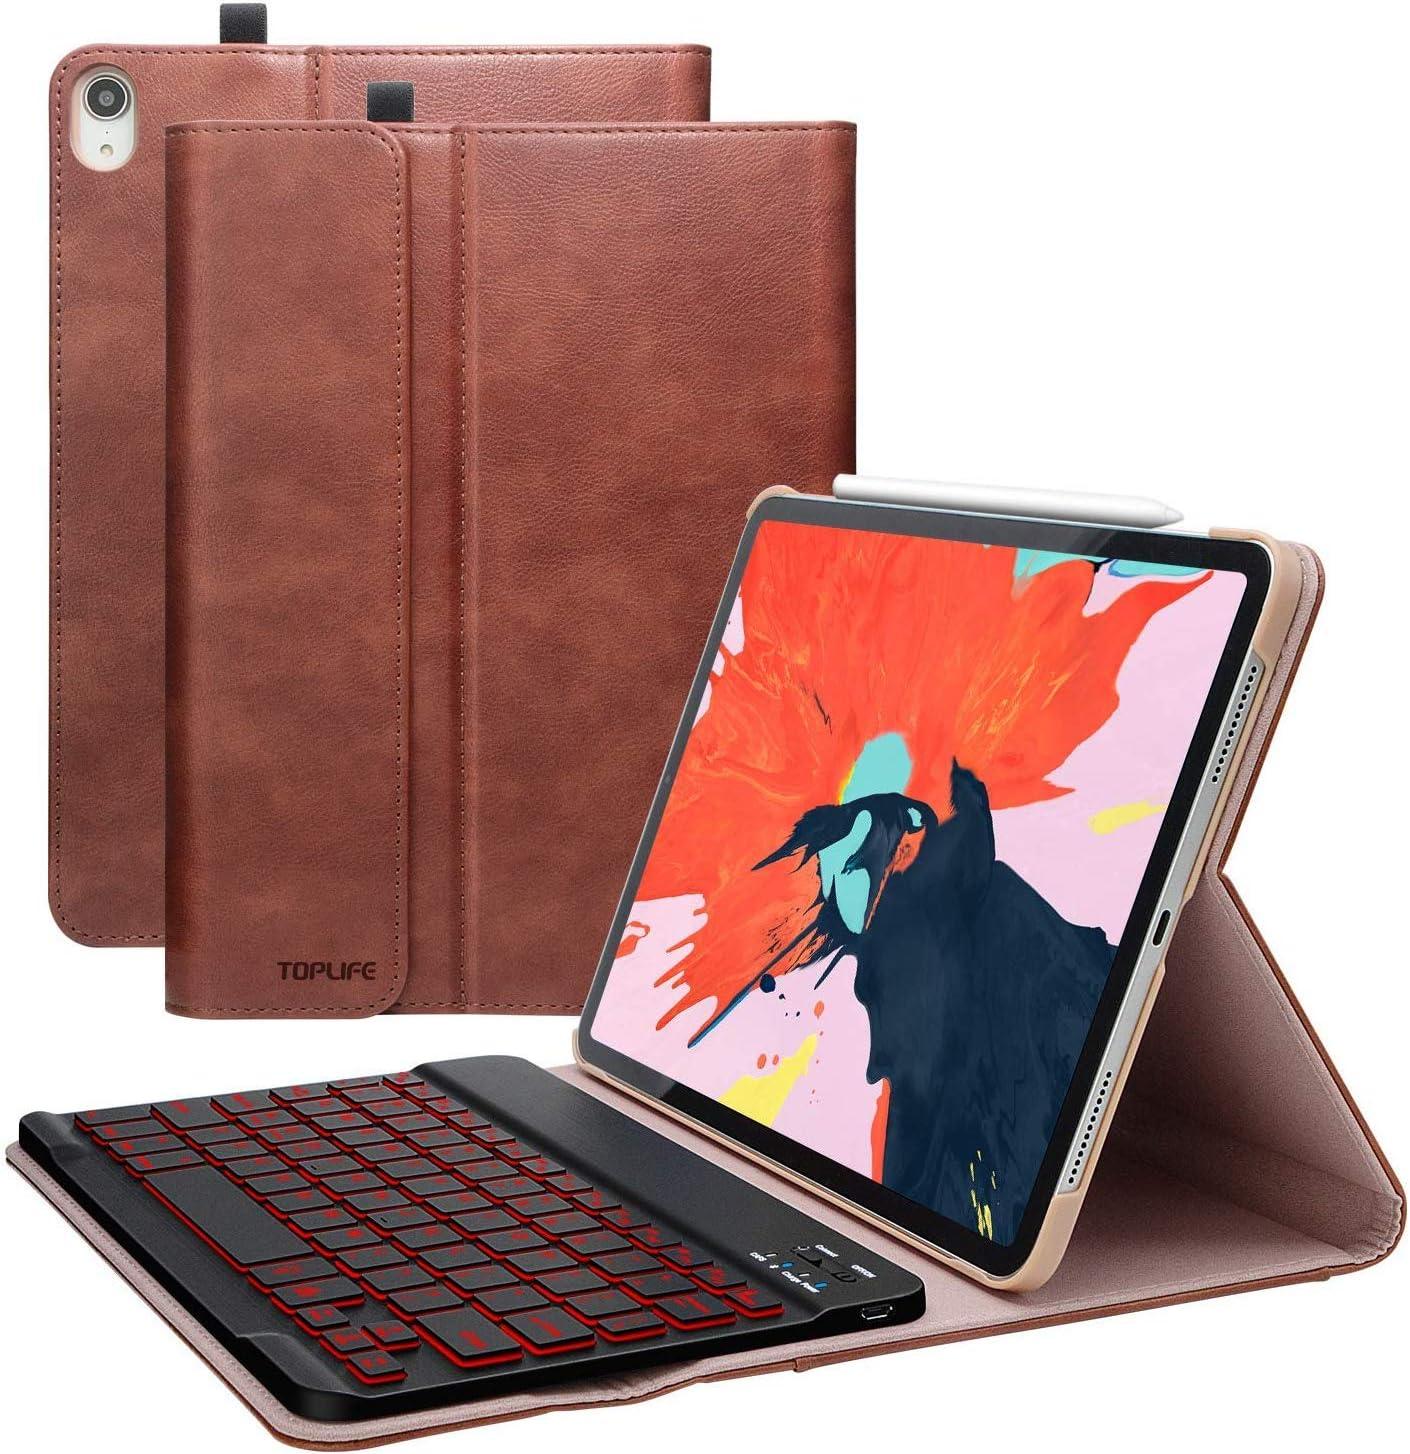 TOPLIFE Funda con Teclado iPad 11, Funda iPad 11